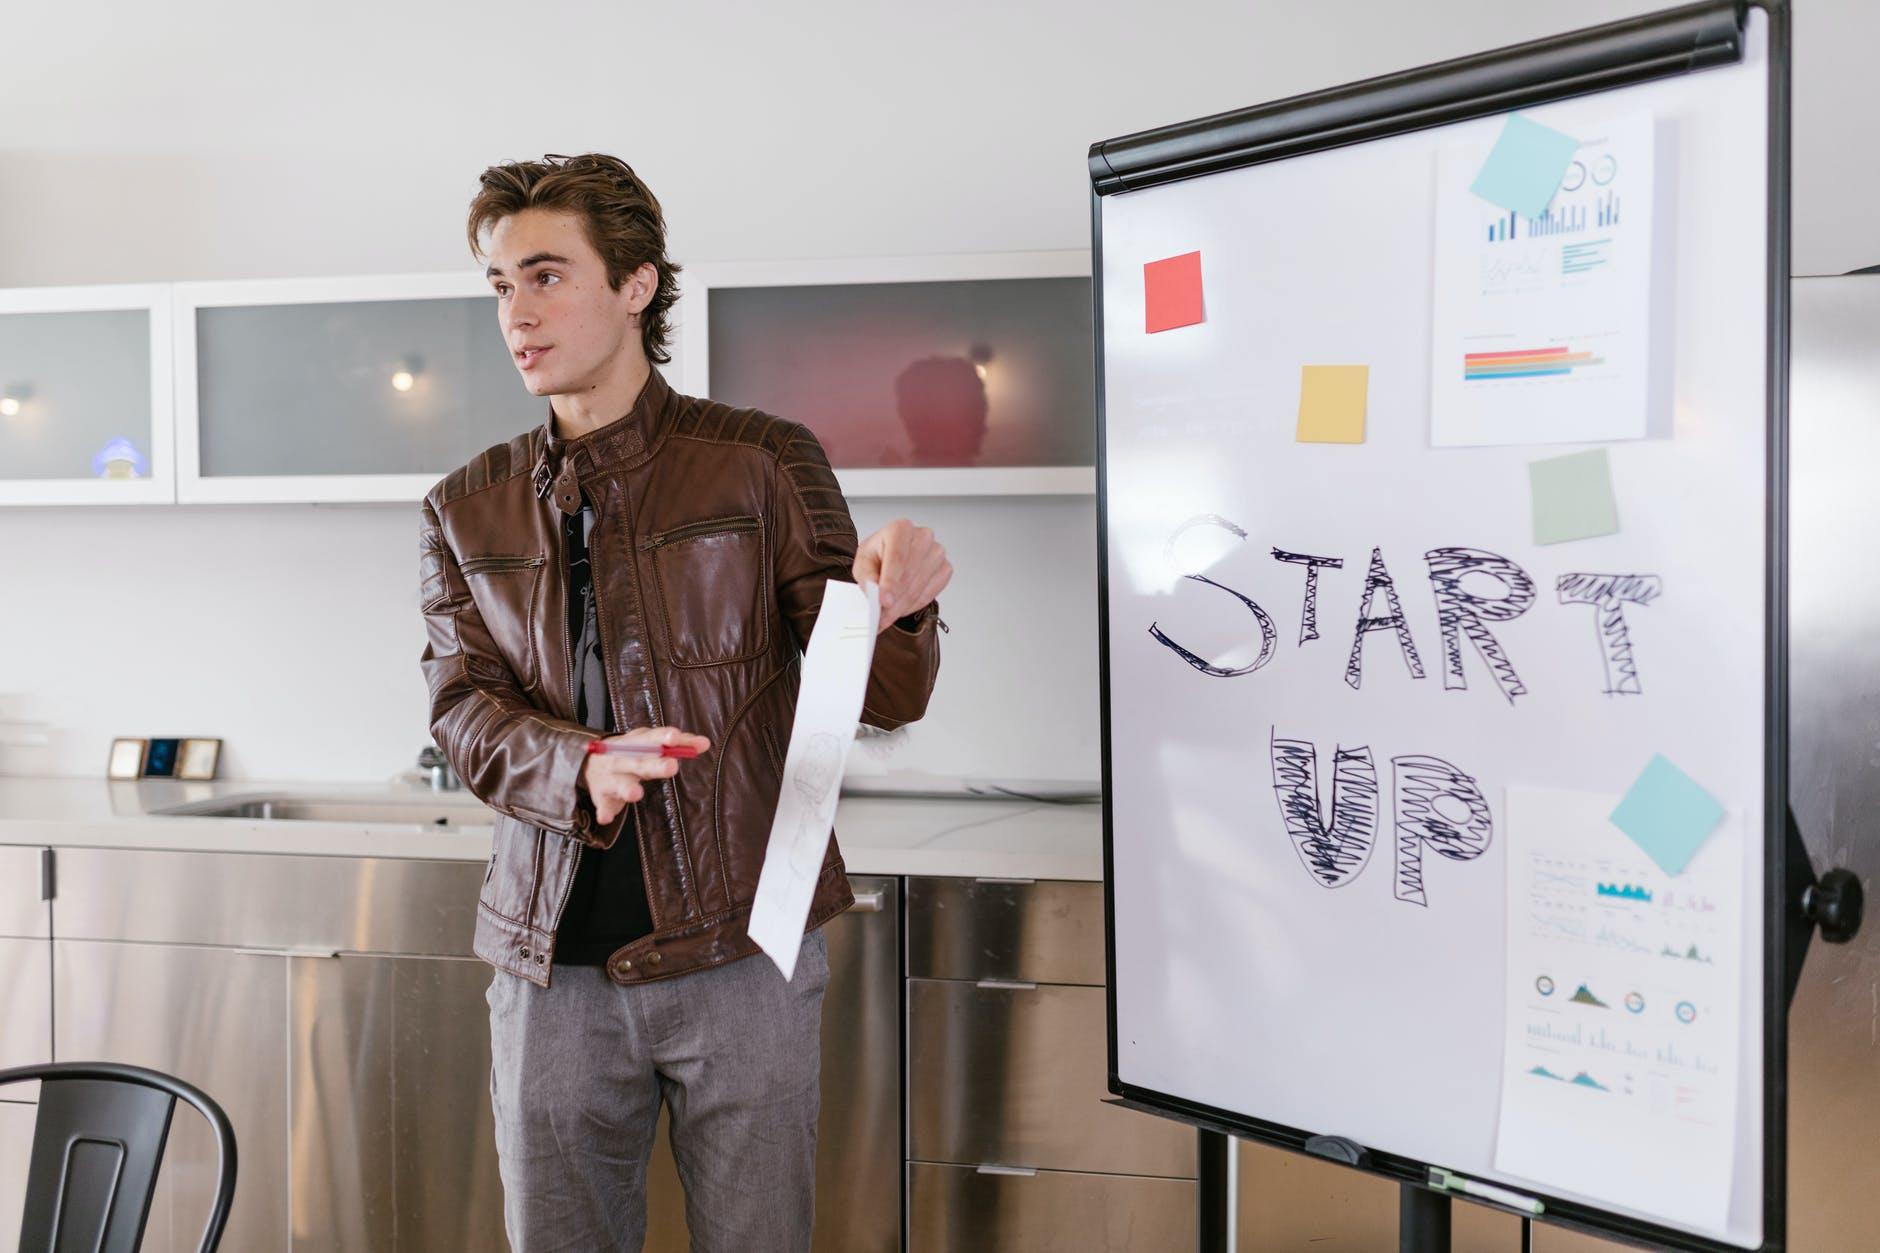 Universo Tecnológico Cap 19: Cómo hacer una campaña exitosa de crowdfunding